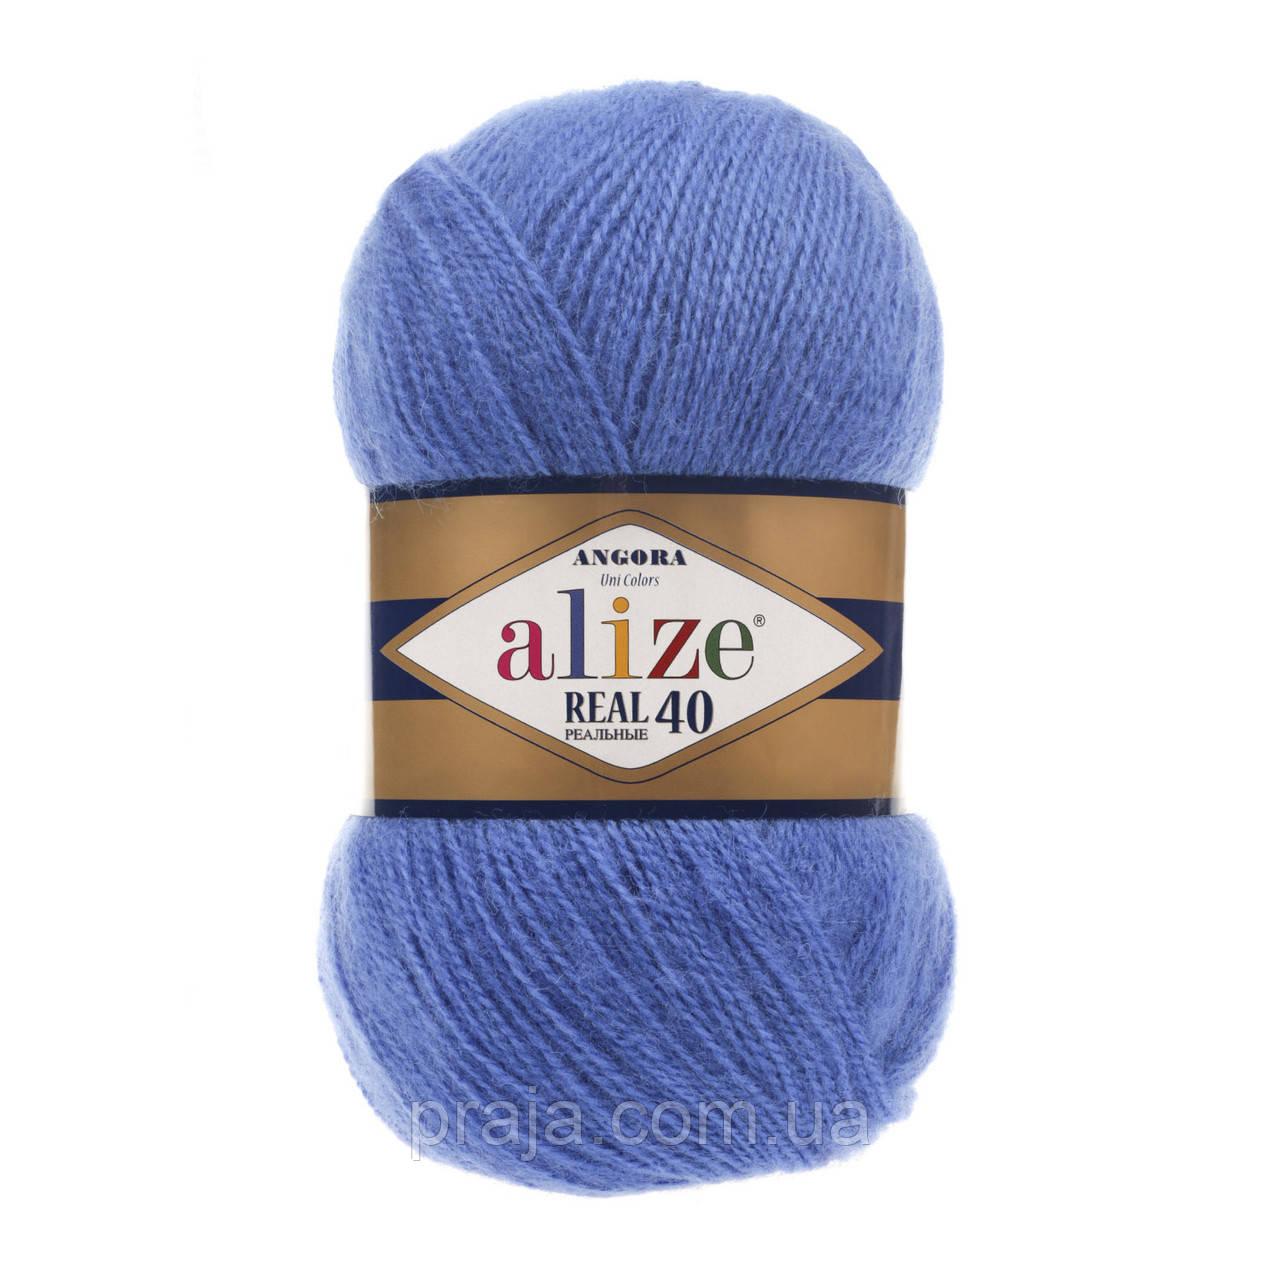 Alize Angora Real 40 237 сапфир продажа цена в хмельницком